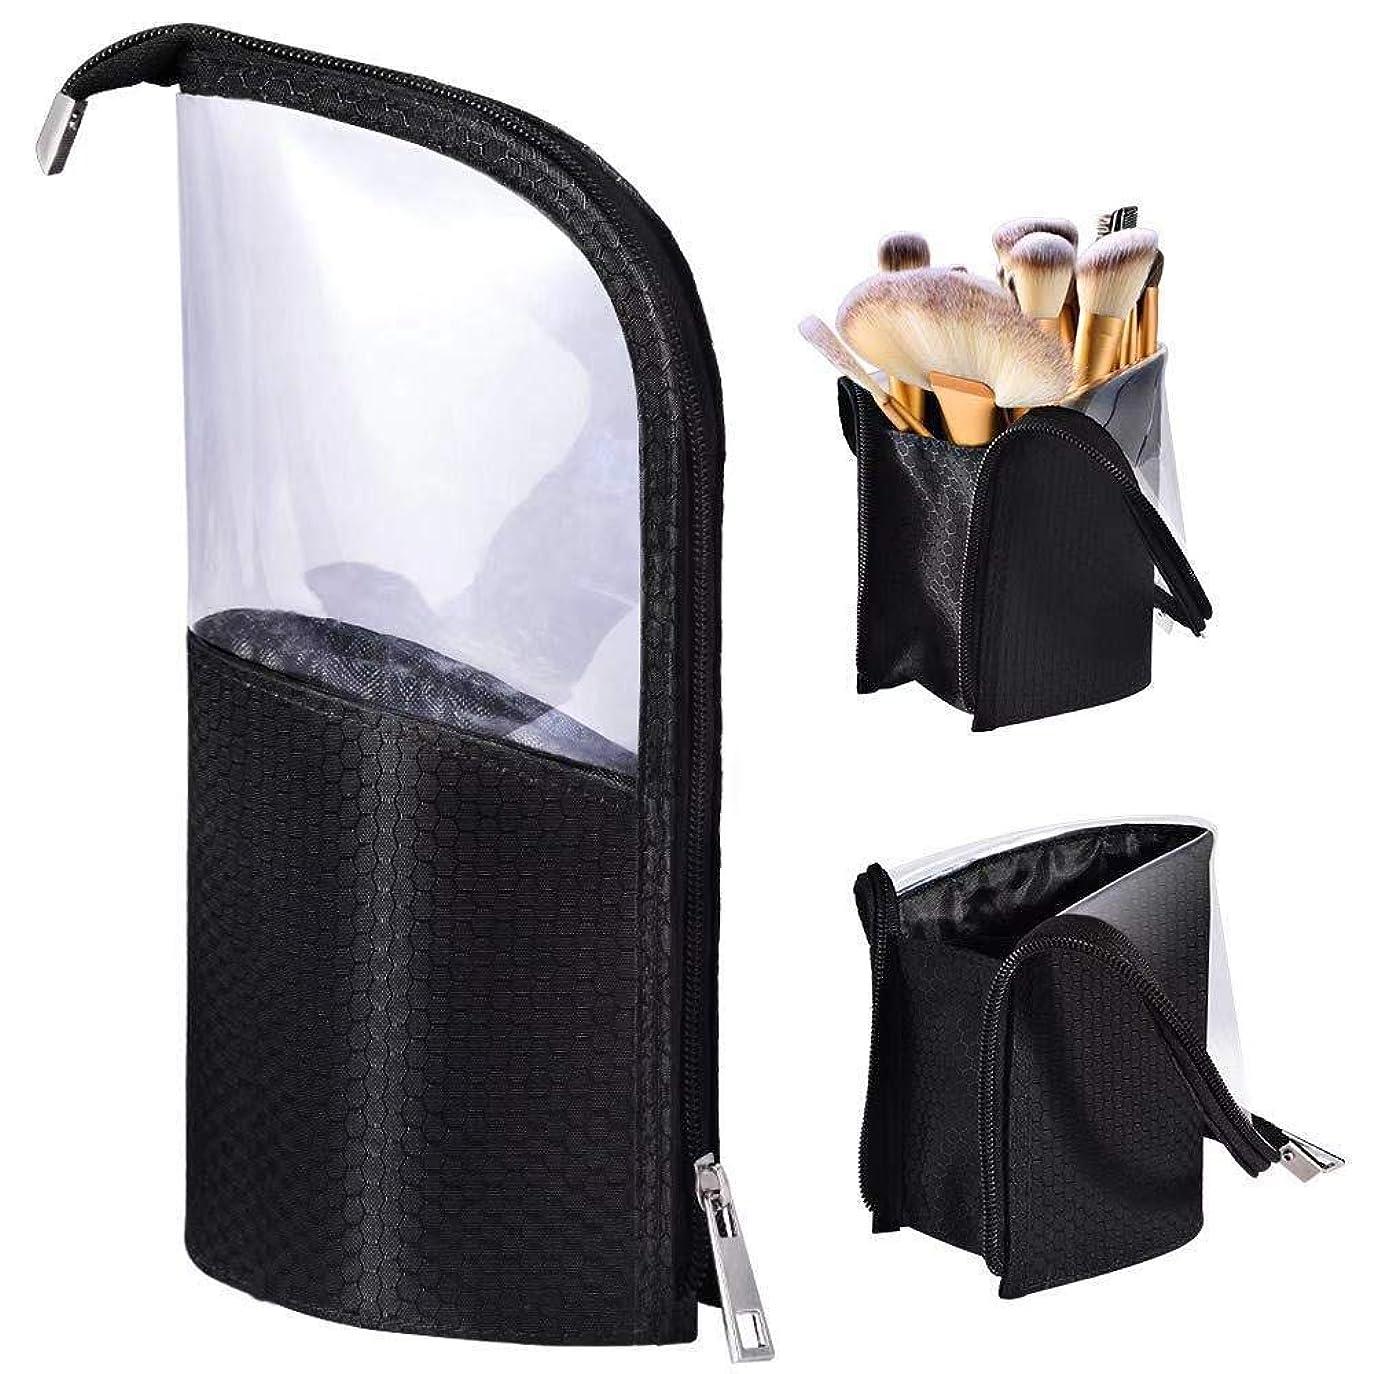 錆びフォーカスしっとりMOMO ペンケース 化粧筆ポーチ 化粧ポーチ 旅行収納 筆箱 小物入れ メイクブラシホルダー バッグ スタンド ケース 24本収納